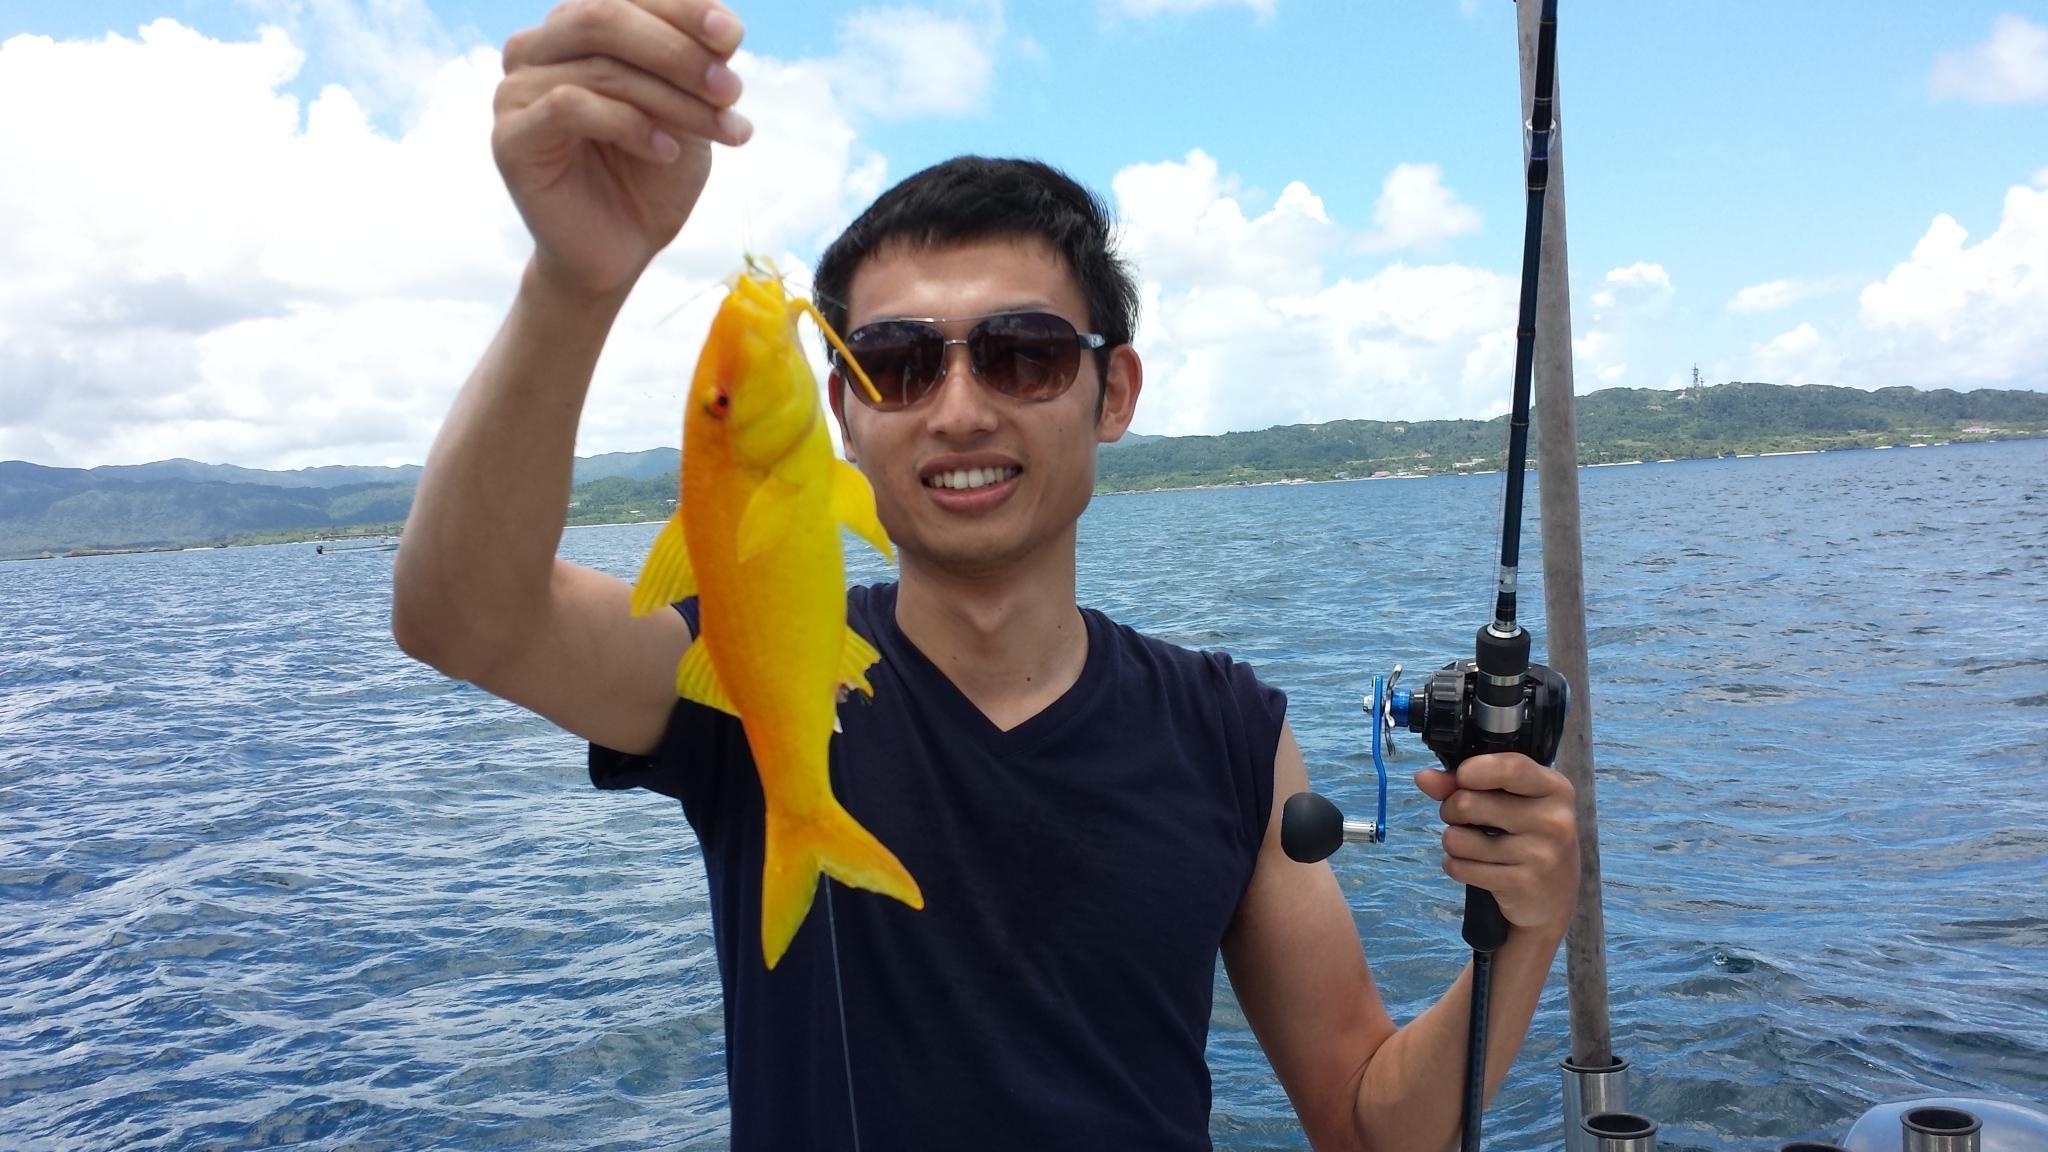 西表島釣りツアー参加者